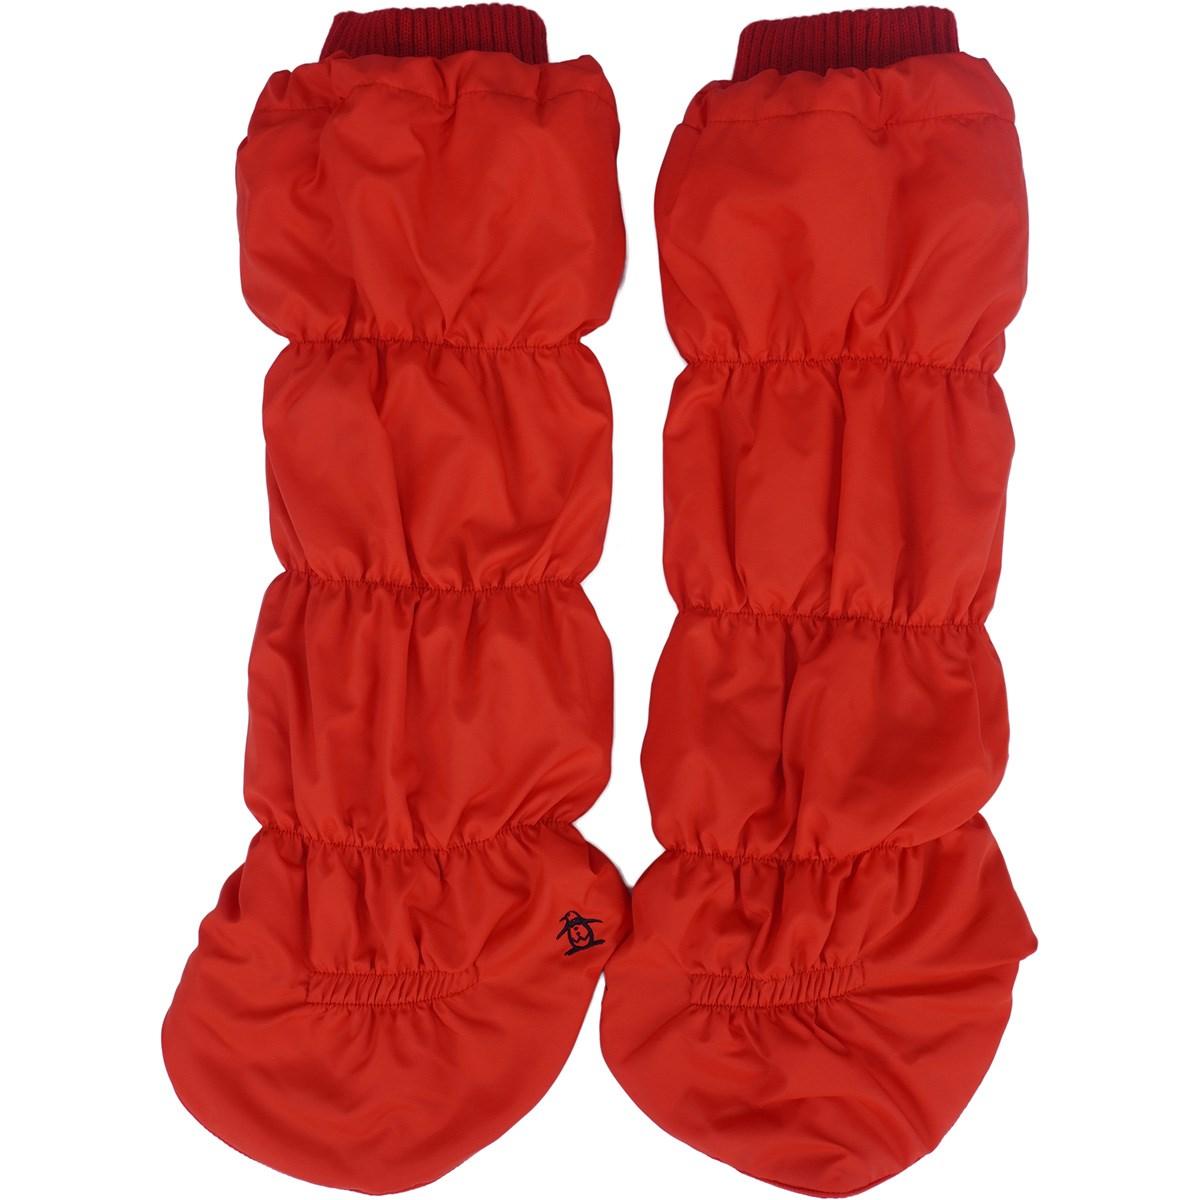 [定番モデル] マンシングウェア Munsingwear キルトタイプレッグウォーマー レッド 00 レディース ゴルフウェア